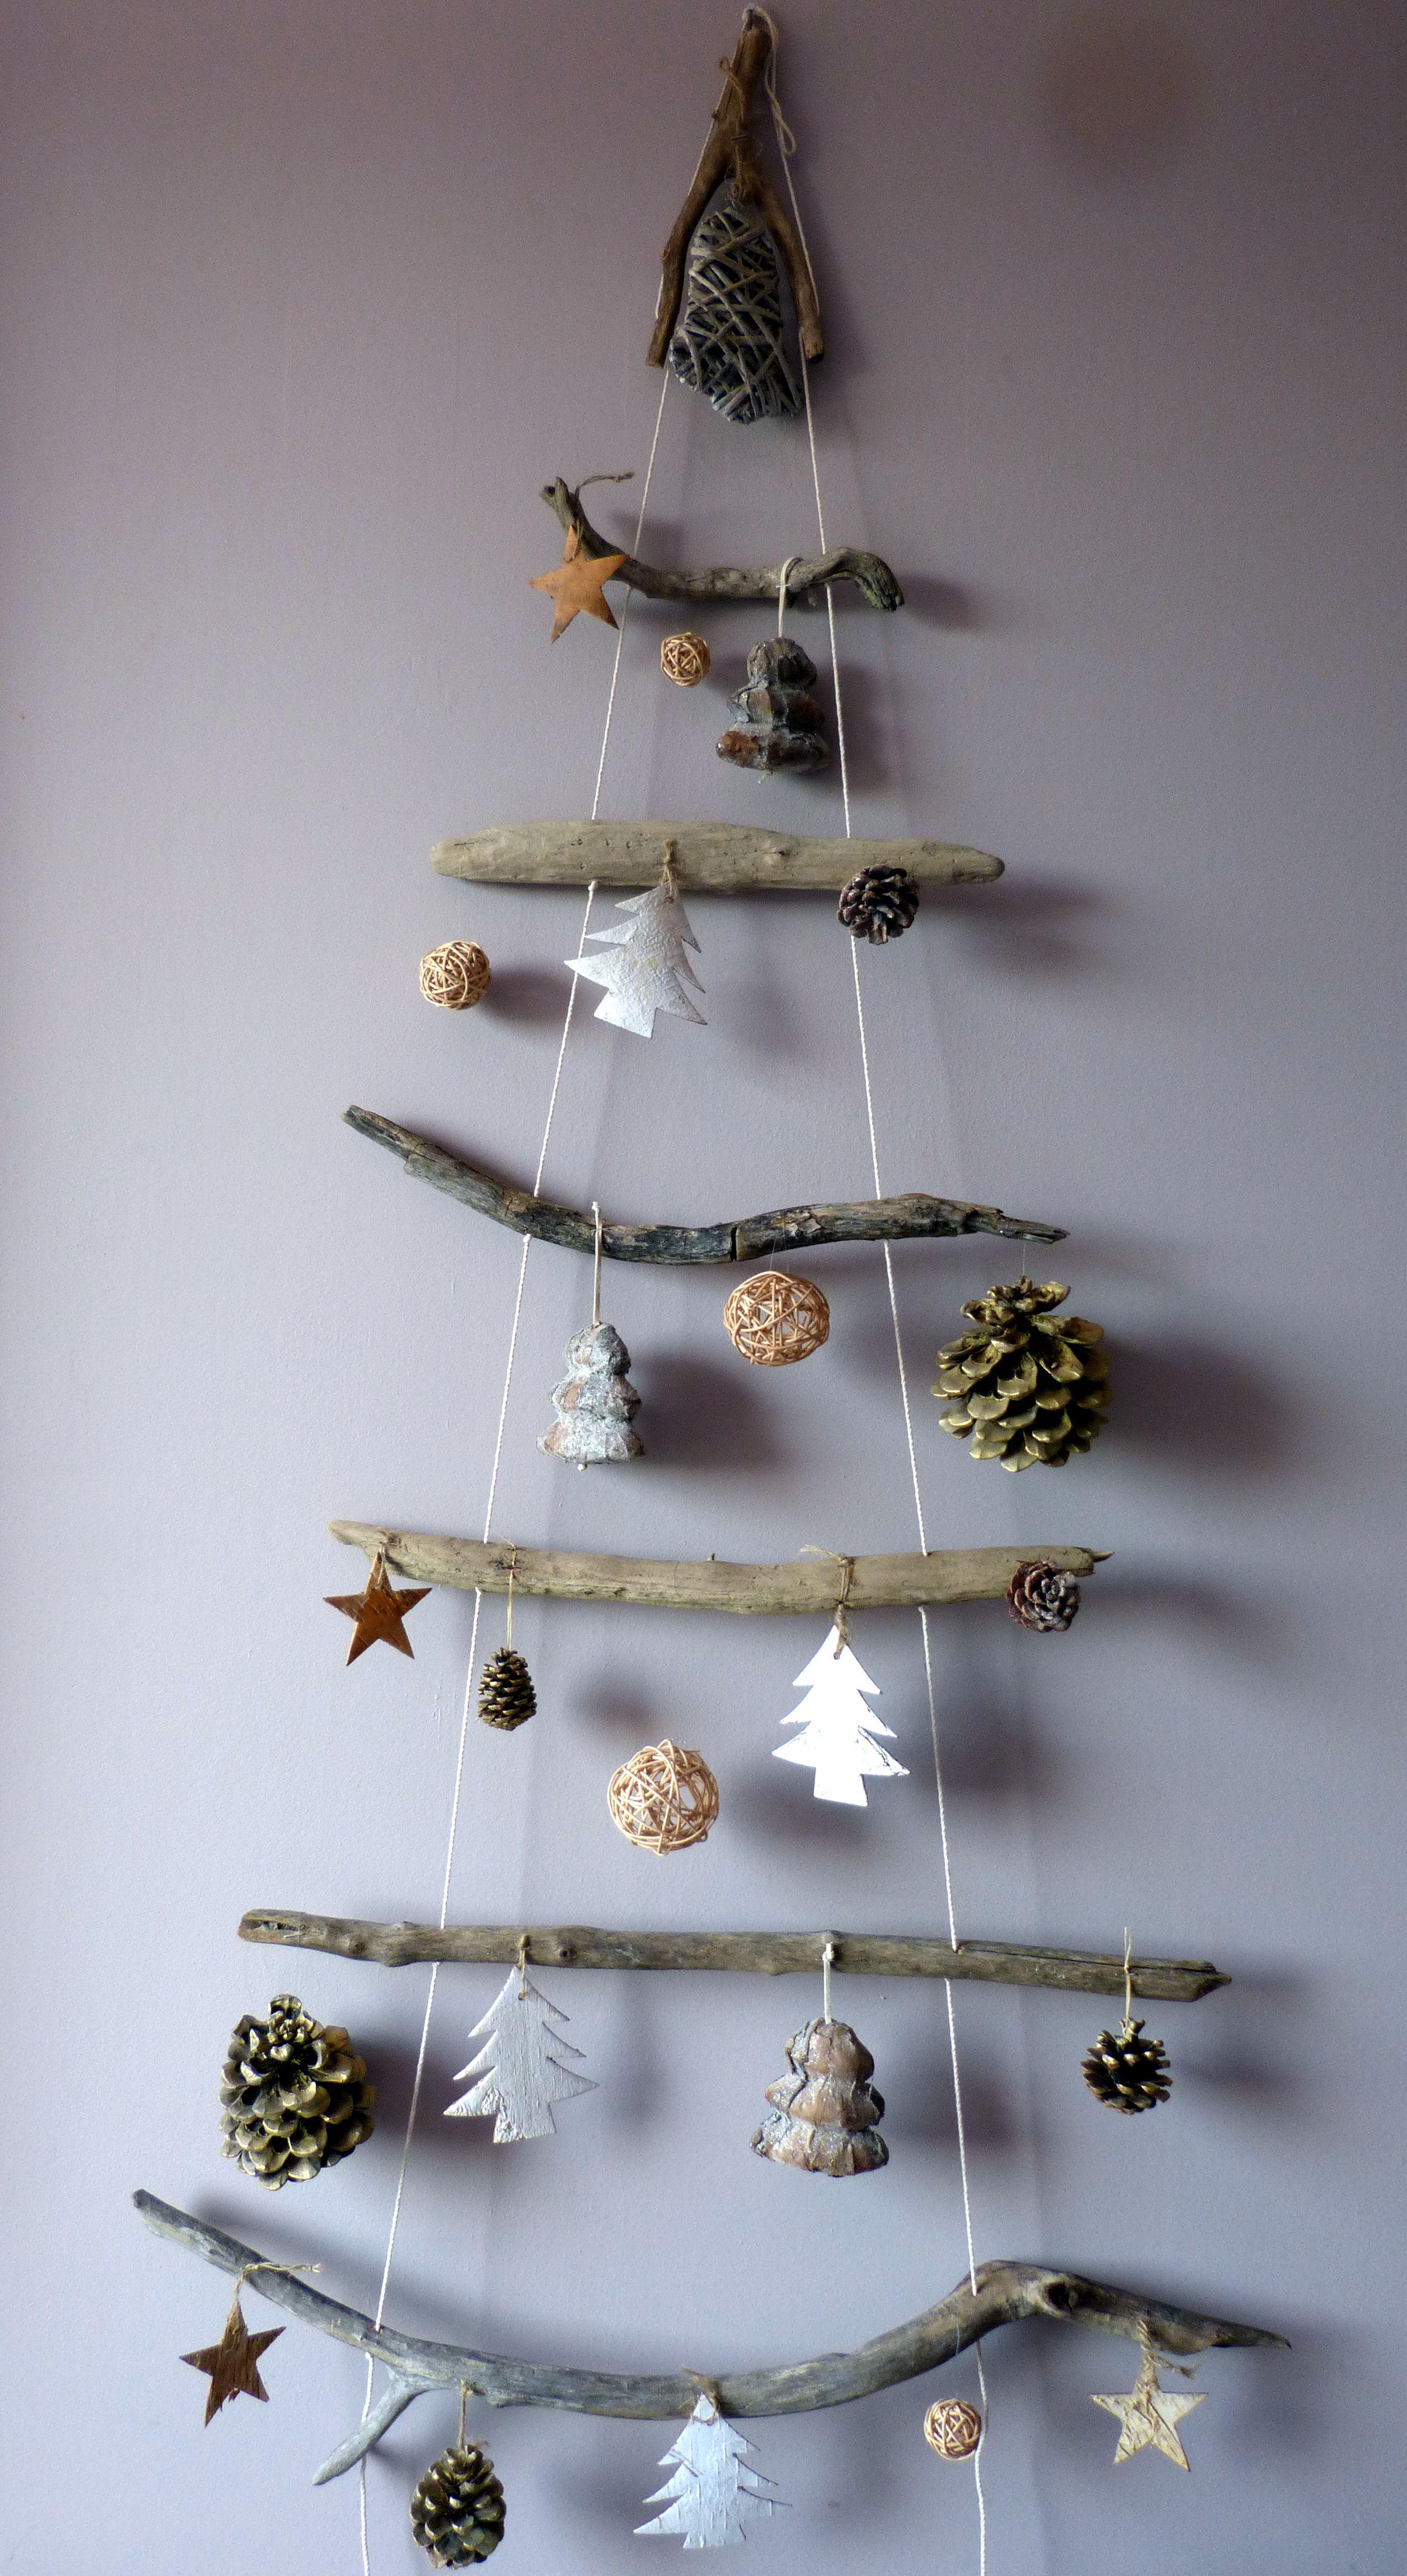 La Boutique De Mon Sapin De Provence Sapin Bois Flotte Deco Noel Decoration Noel Decoration Noel Fait Main